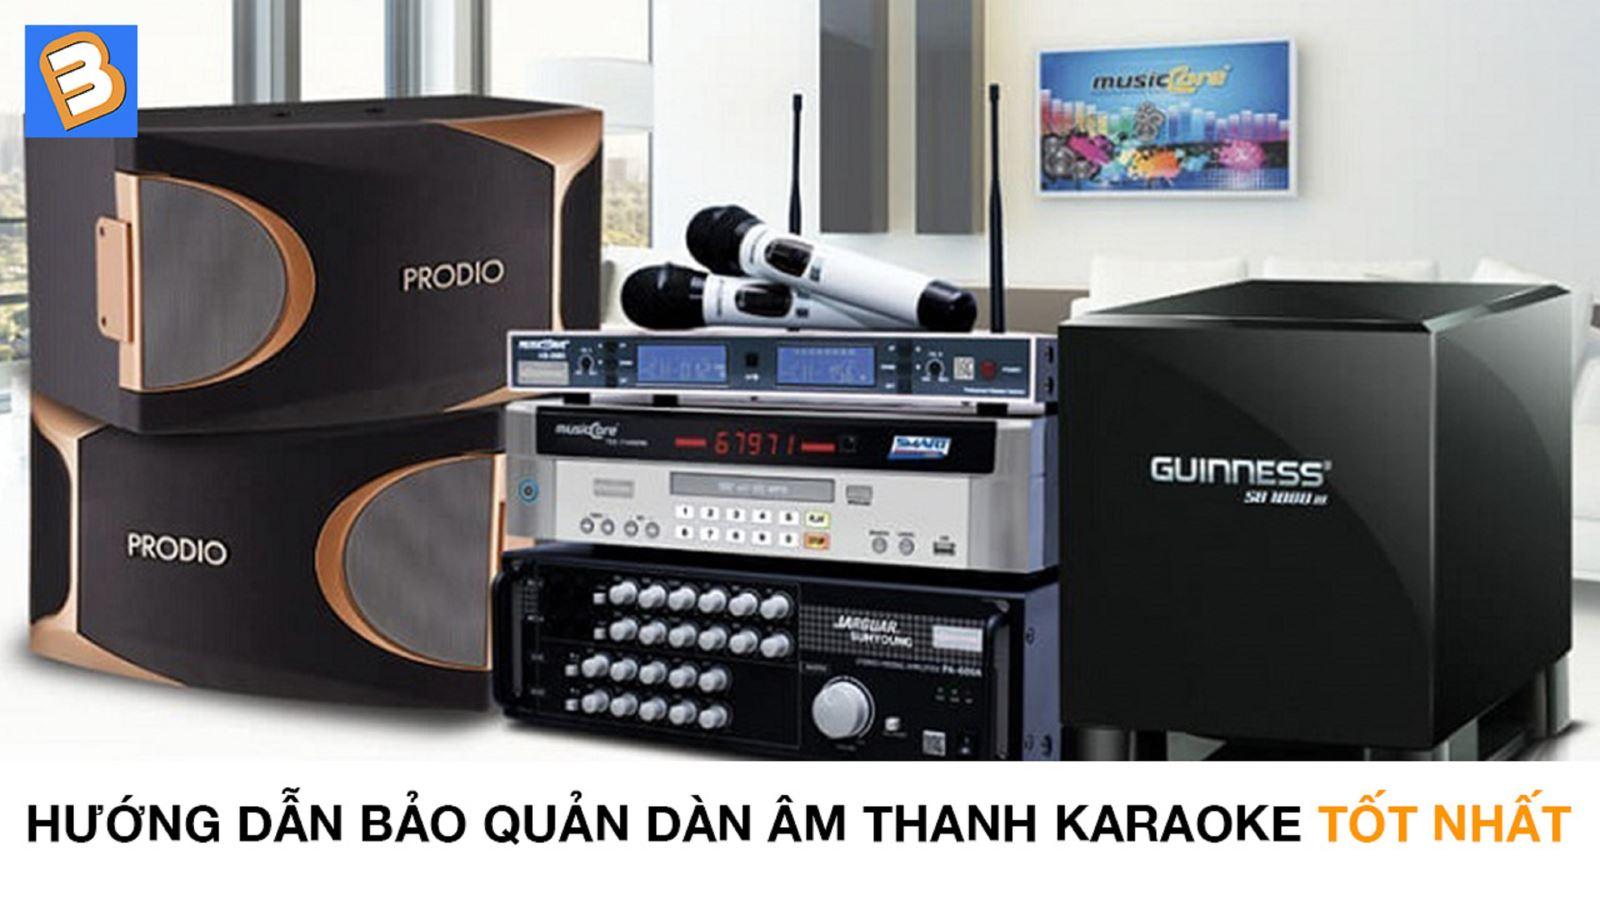 Hướng dẫn bảo quảndàn âm thanh karaoke tốt nhất